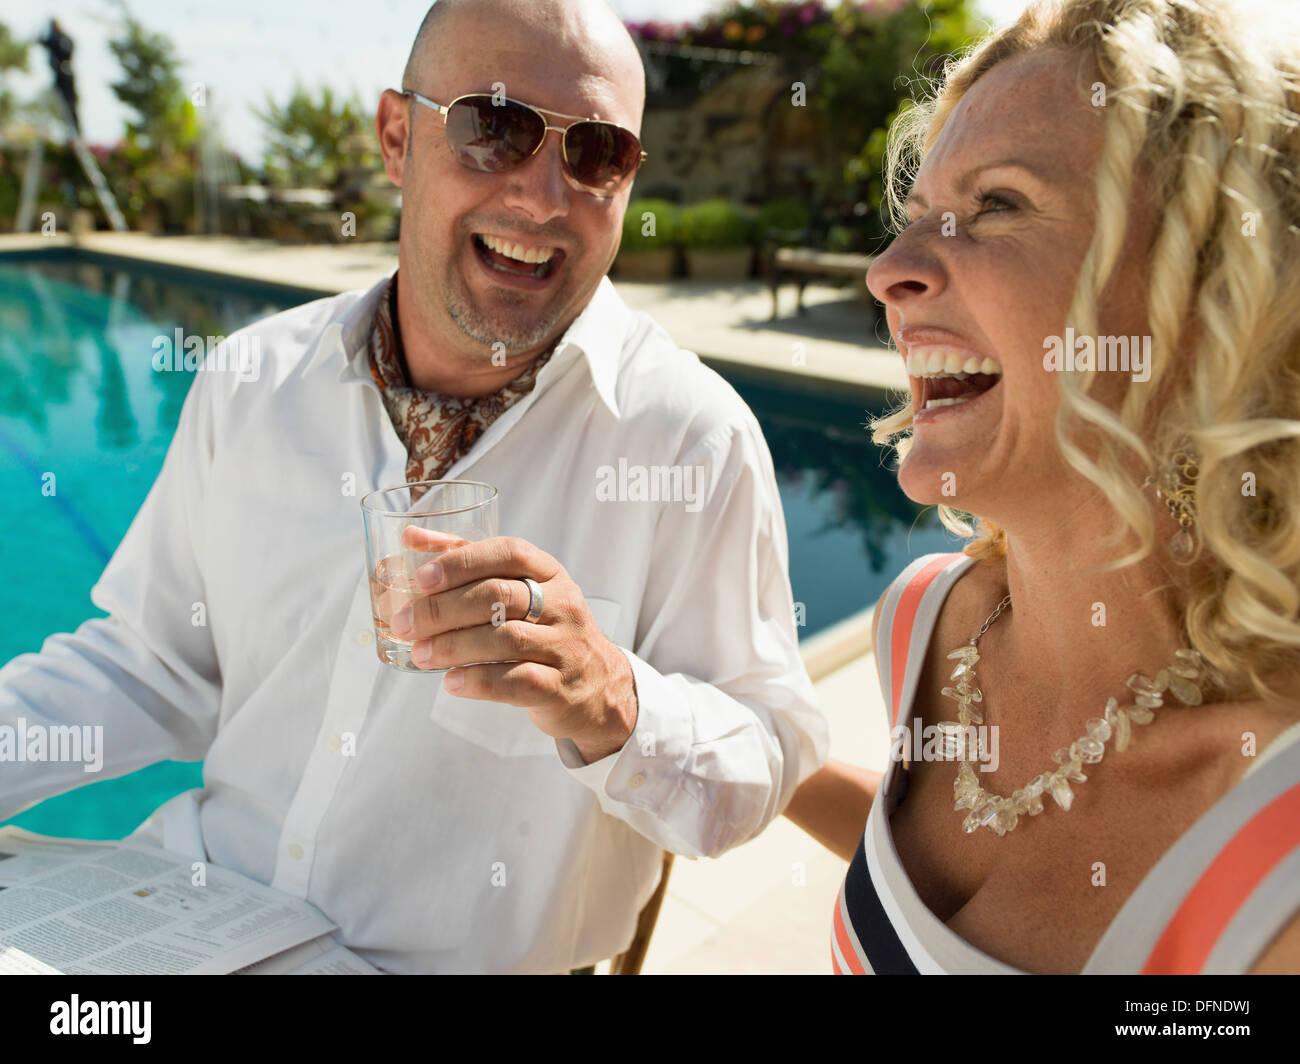 Un jeune homme aime son verre avec une belle femme par le côté d'une piscine à San Diego. Photo Stock